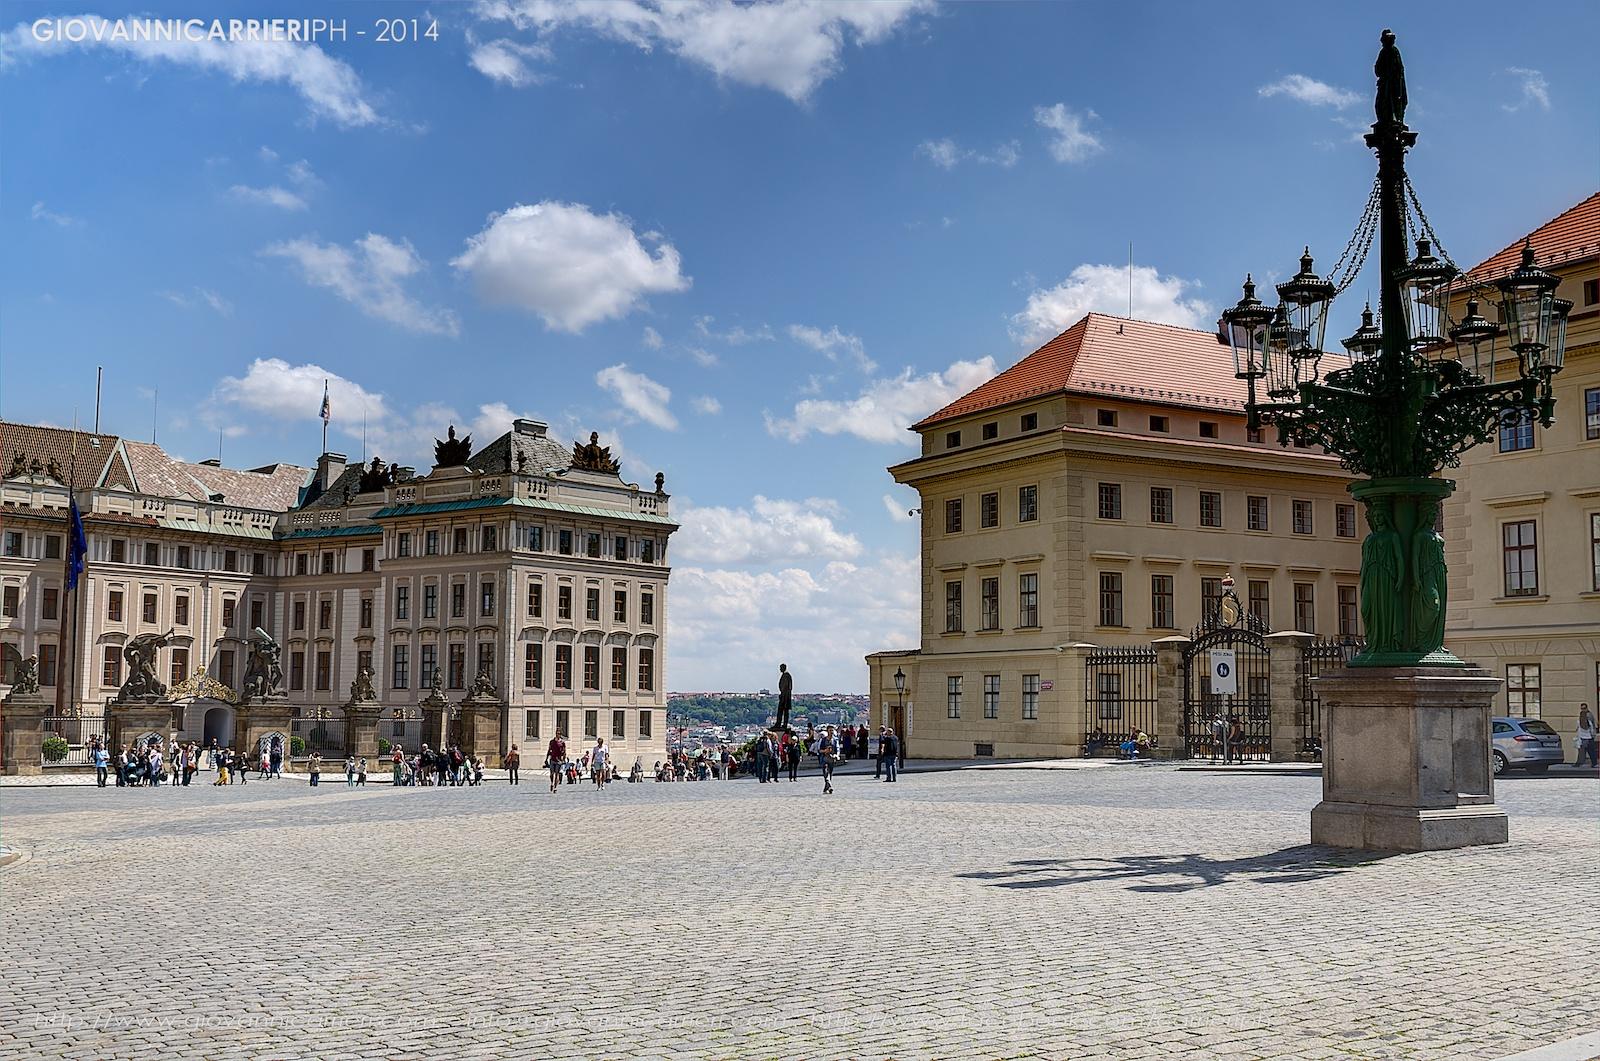 Praga il Castello ed il monumento a Tomas Garrigue Masaryk